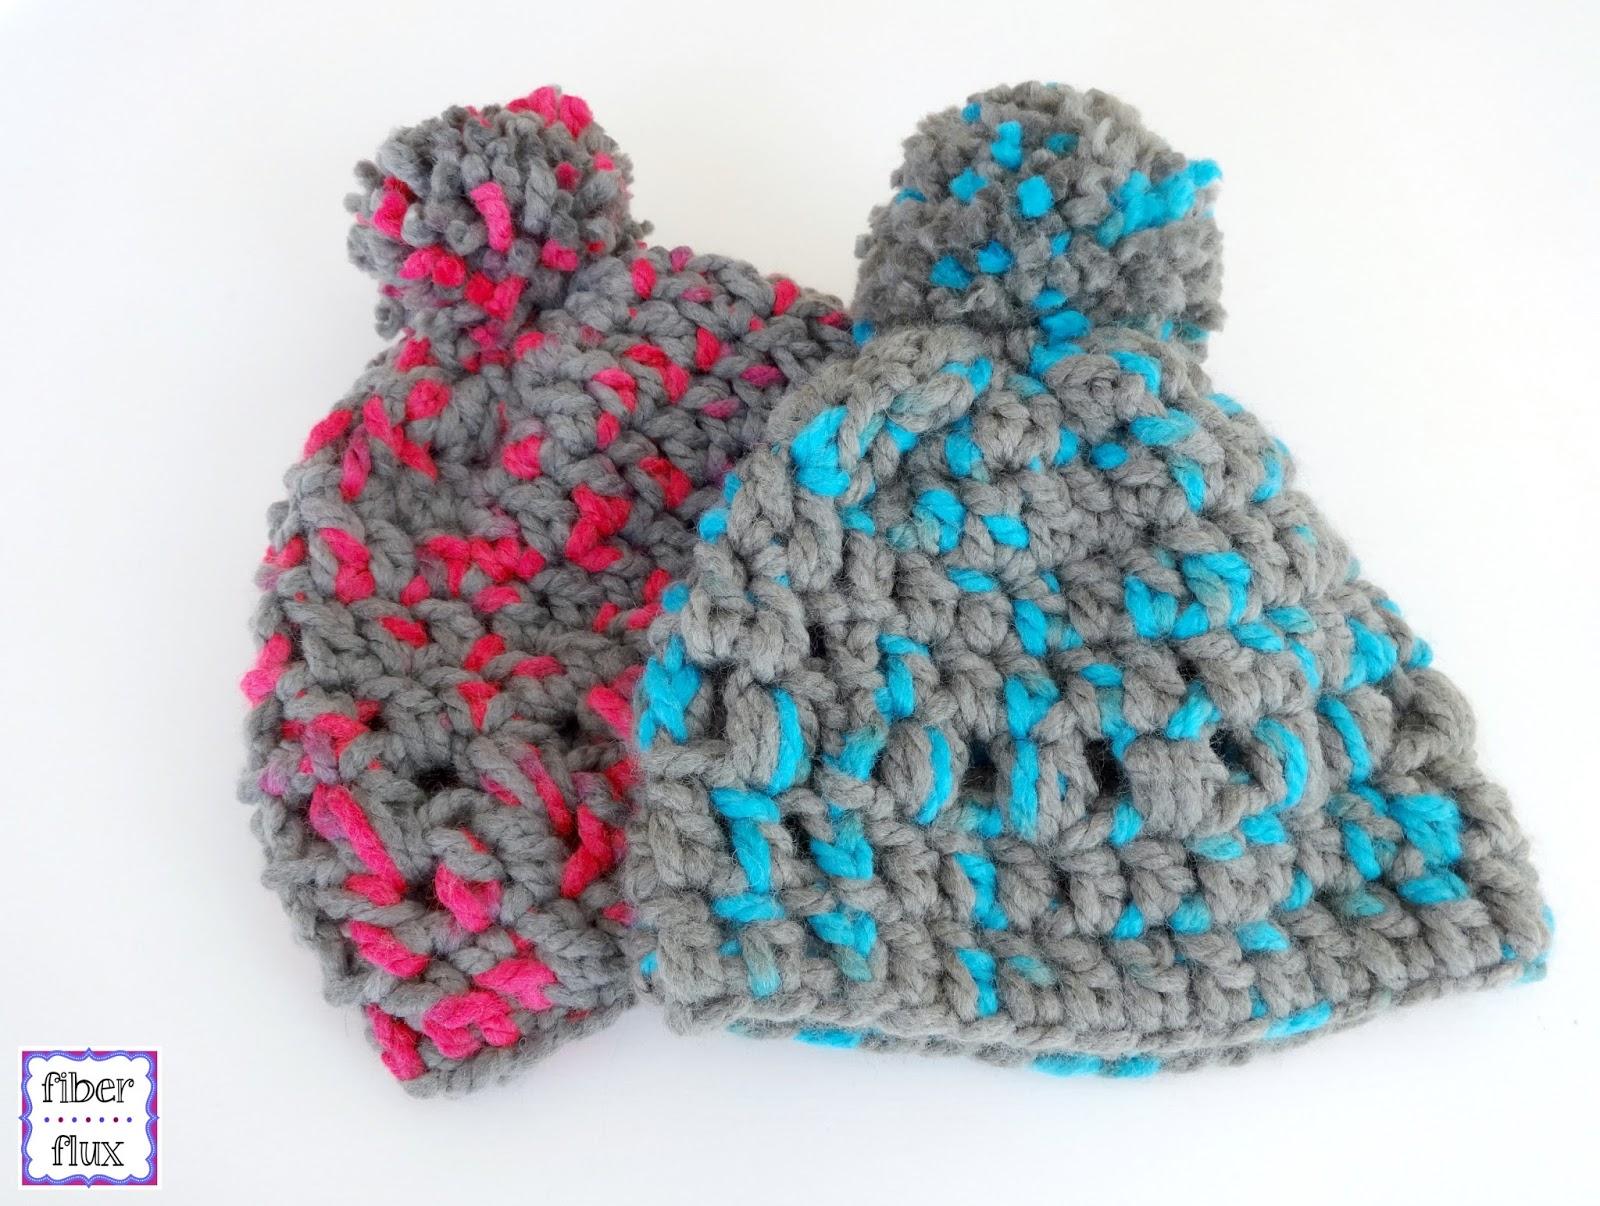 Fiber flux free crochet patternhappy kid lids free crochet patternhappy kid lids bankloansurffo Gallery